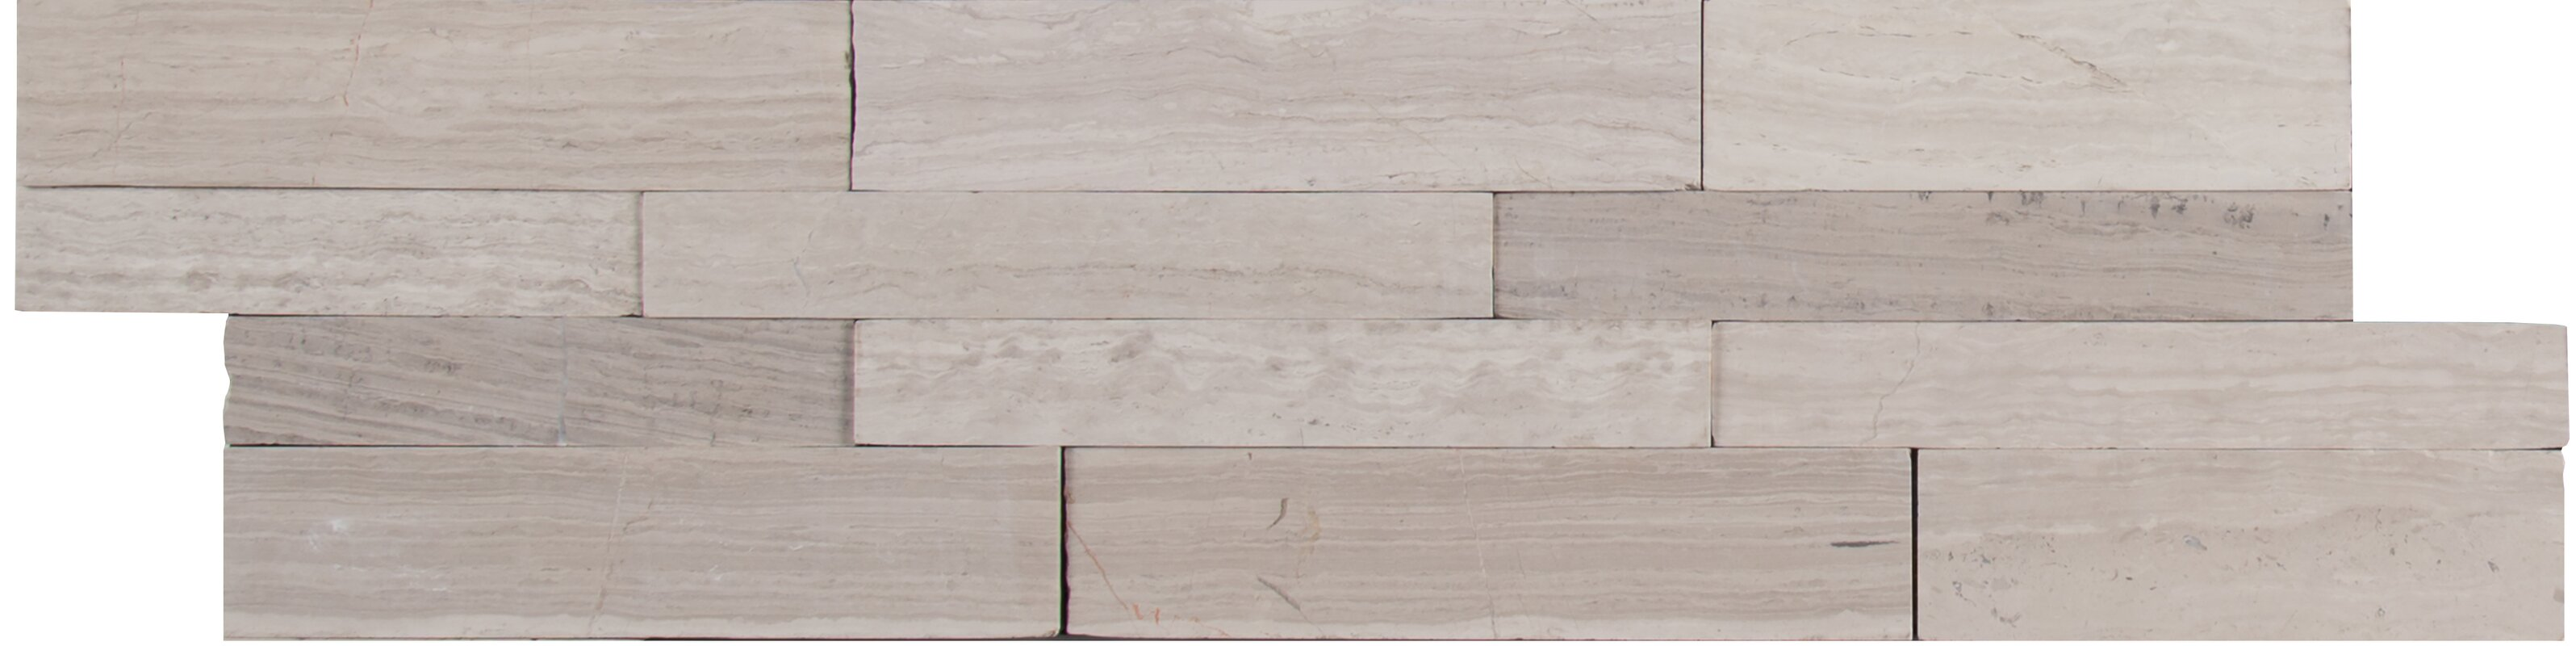 Msi winter veneer peel and stick honed marble mosaic tile in gray winter veneer peel and stick honed marble mosaic tile in gray dailygadgetfo Gallery